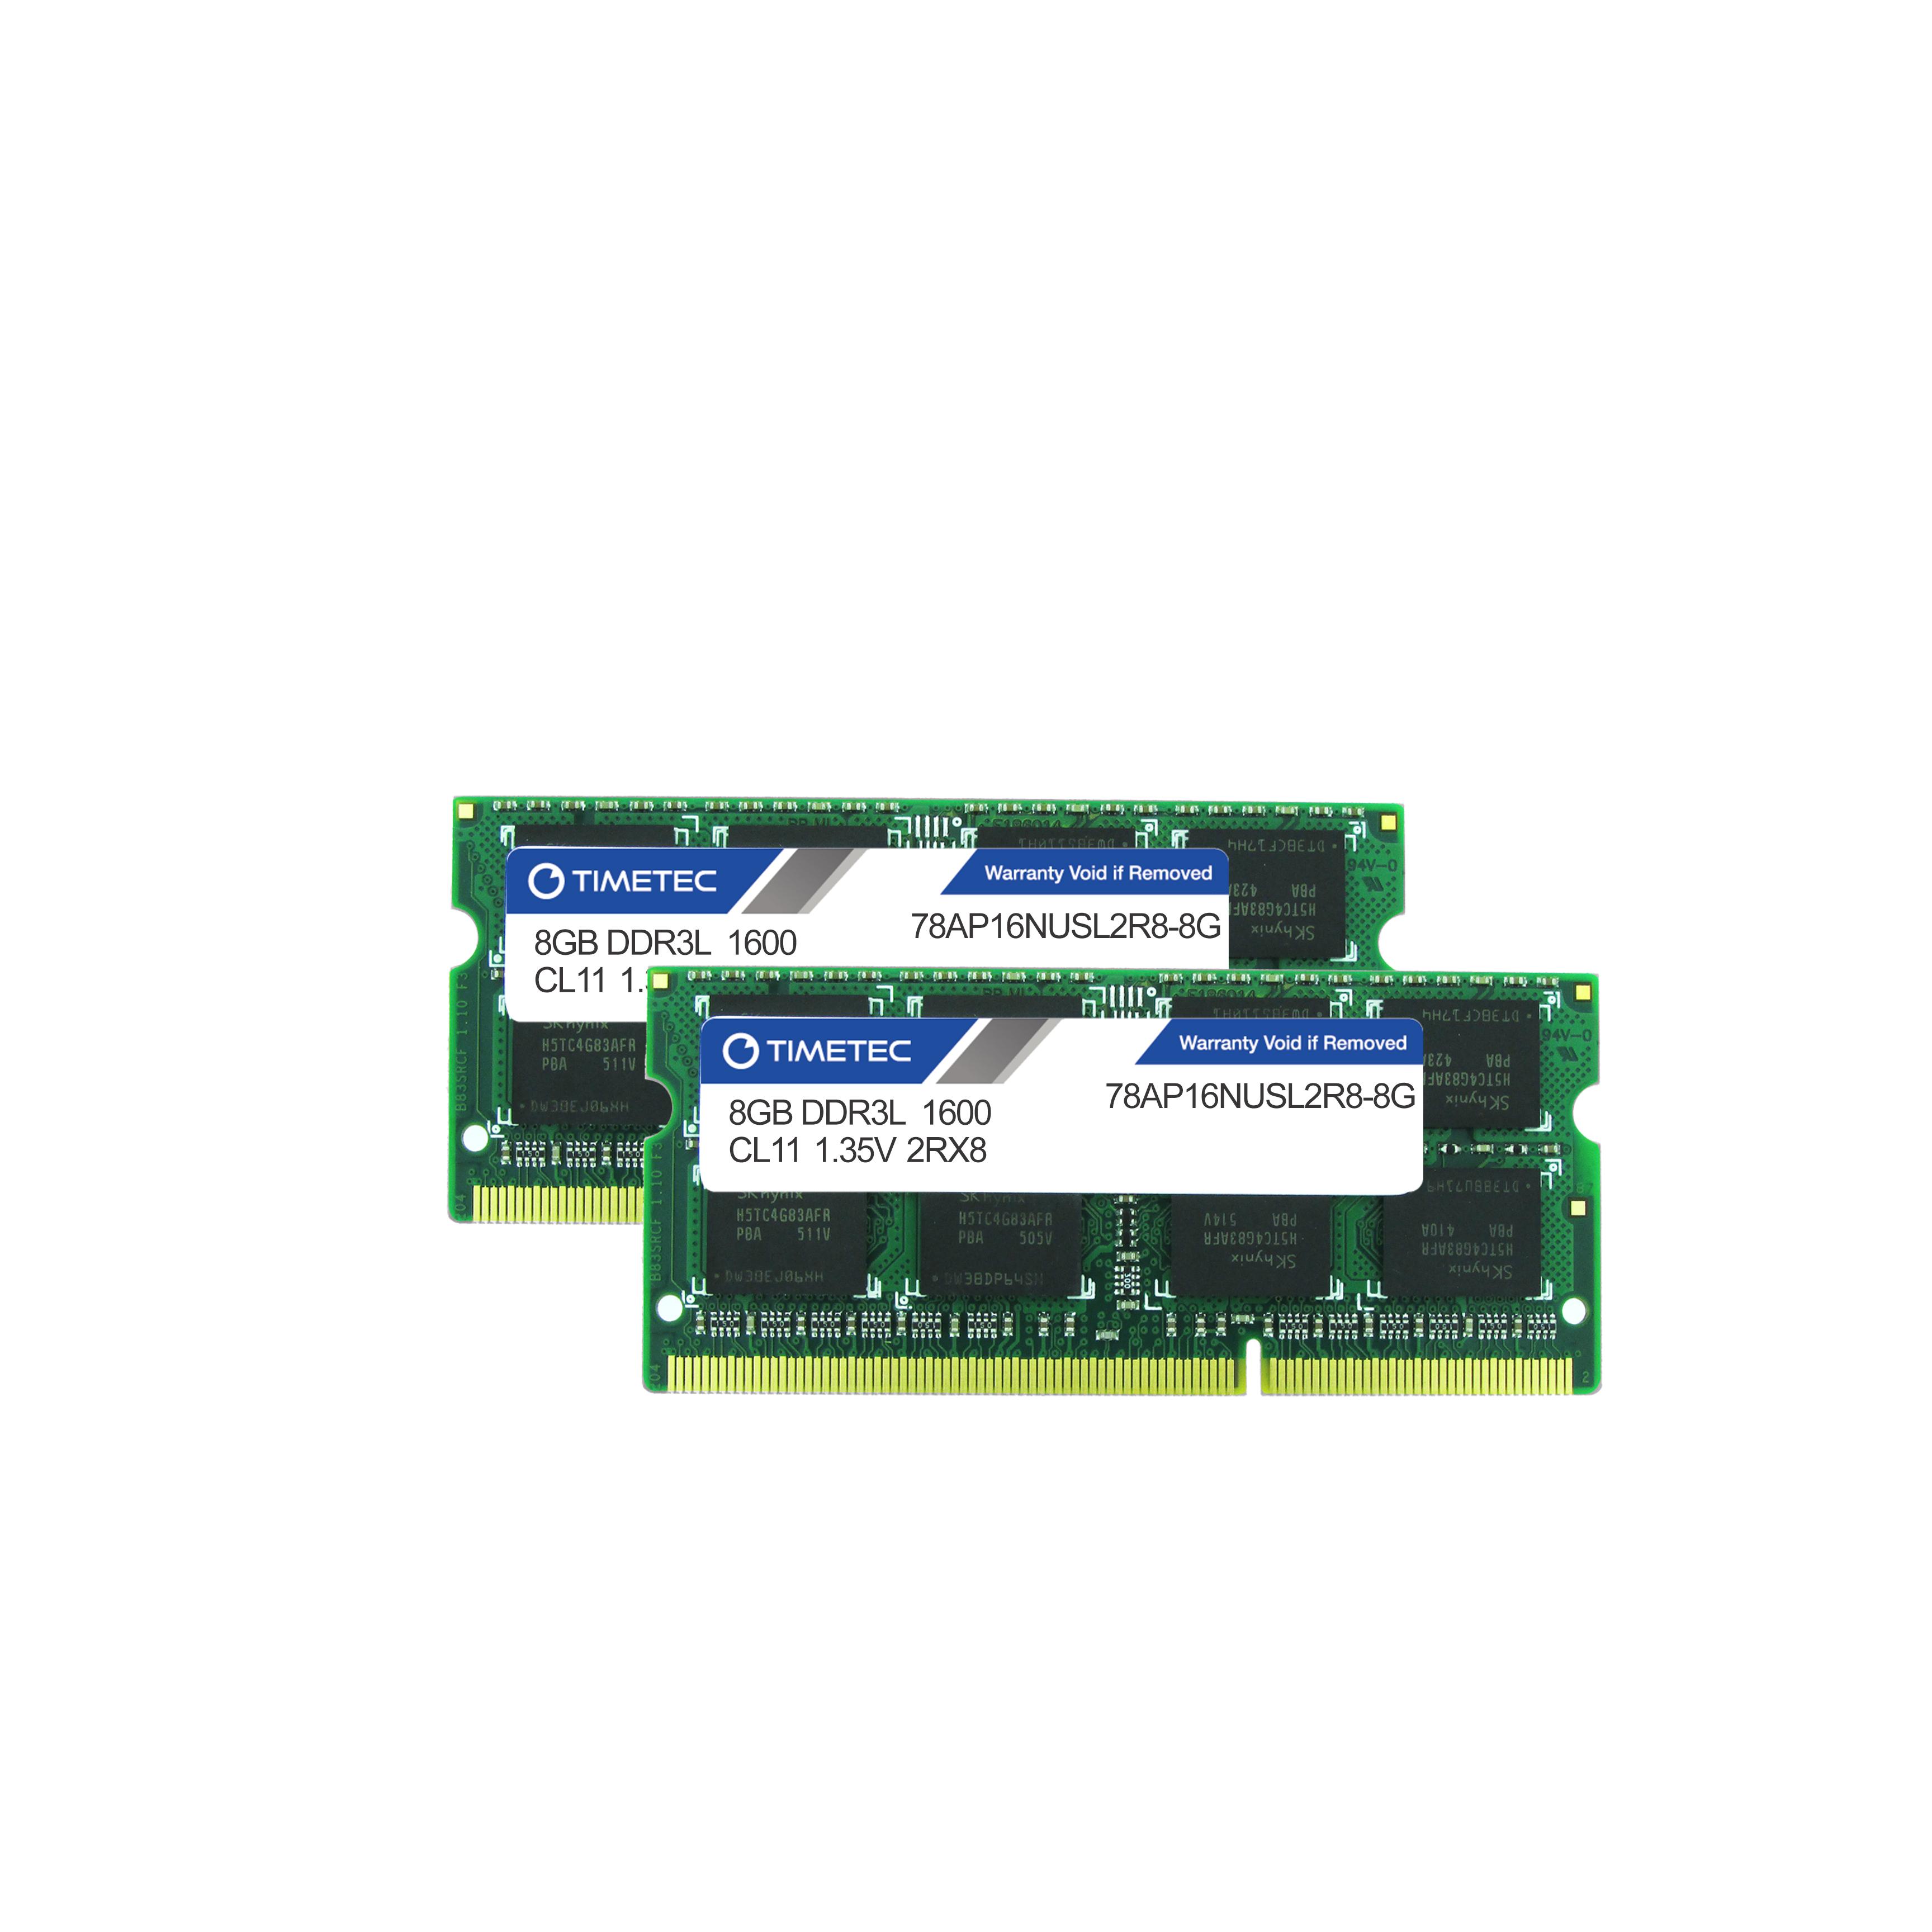 Timetec 16gb Kit 2 X 8gb Ddr3l 1600 Sodimm Memory For Mac